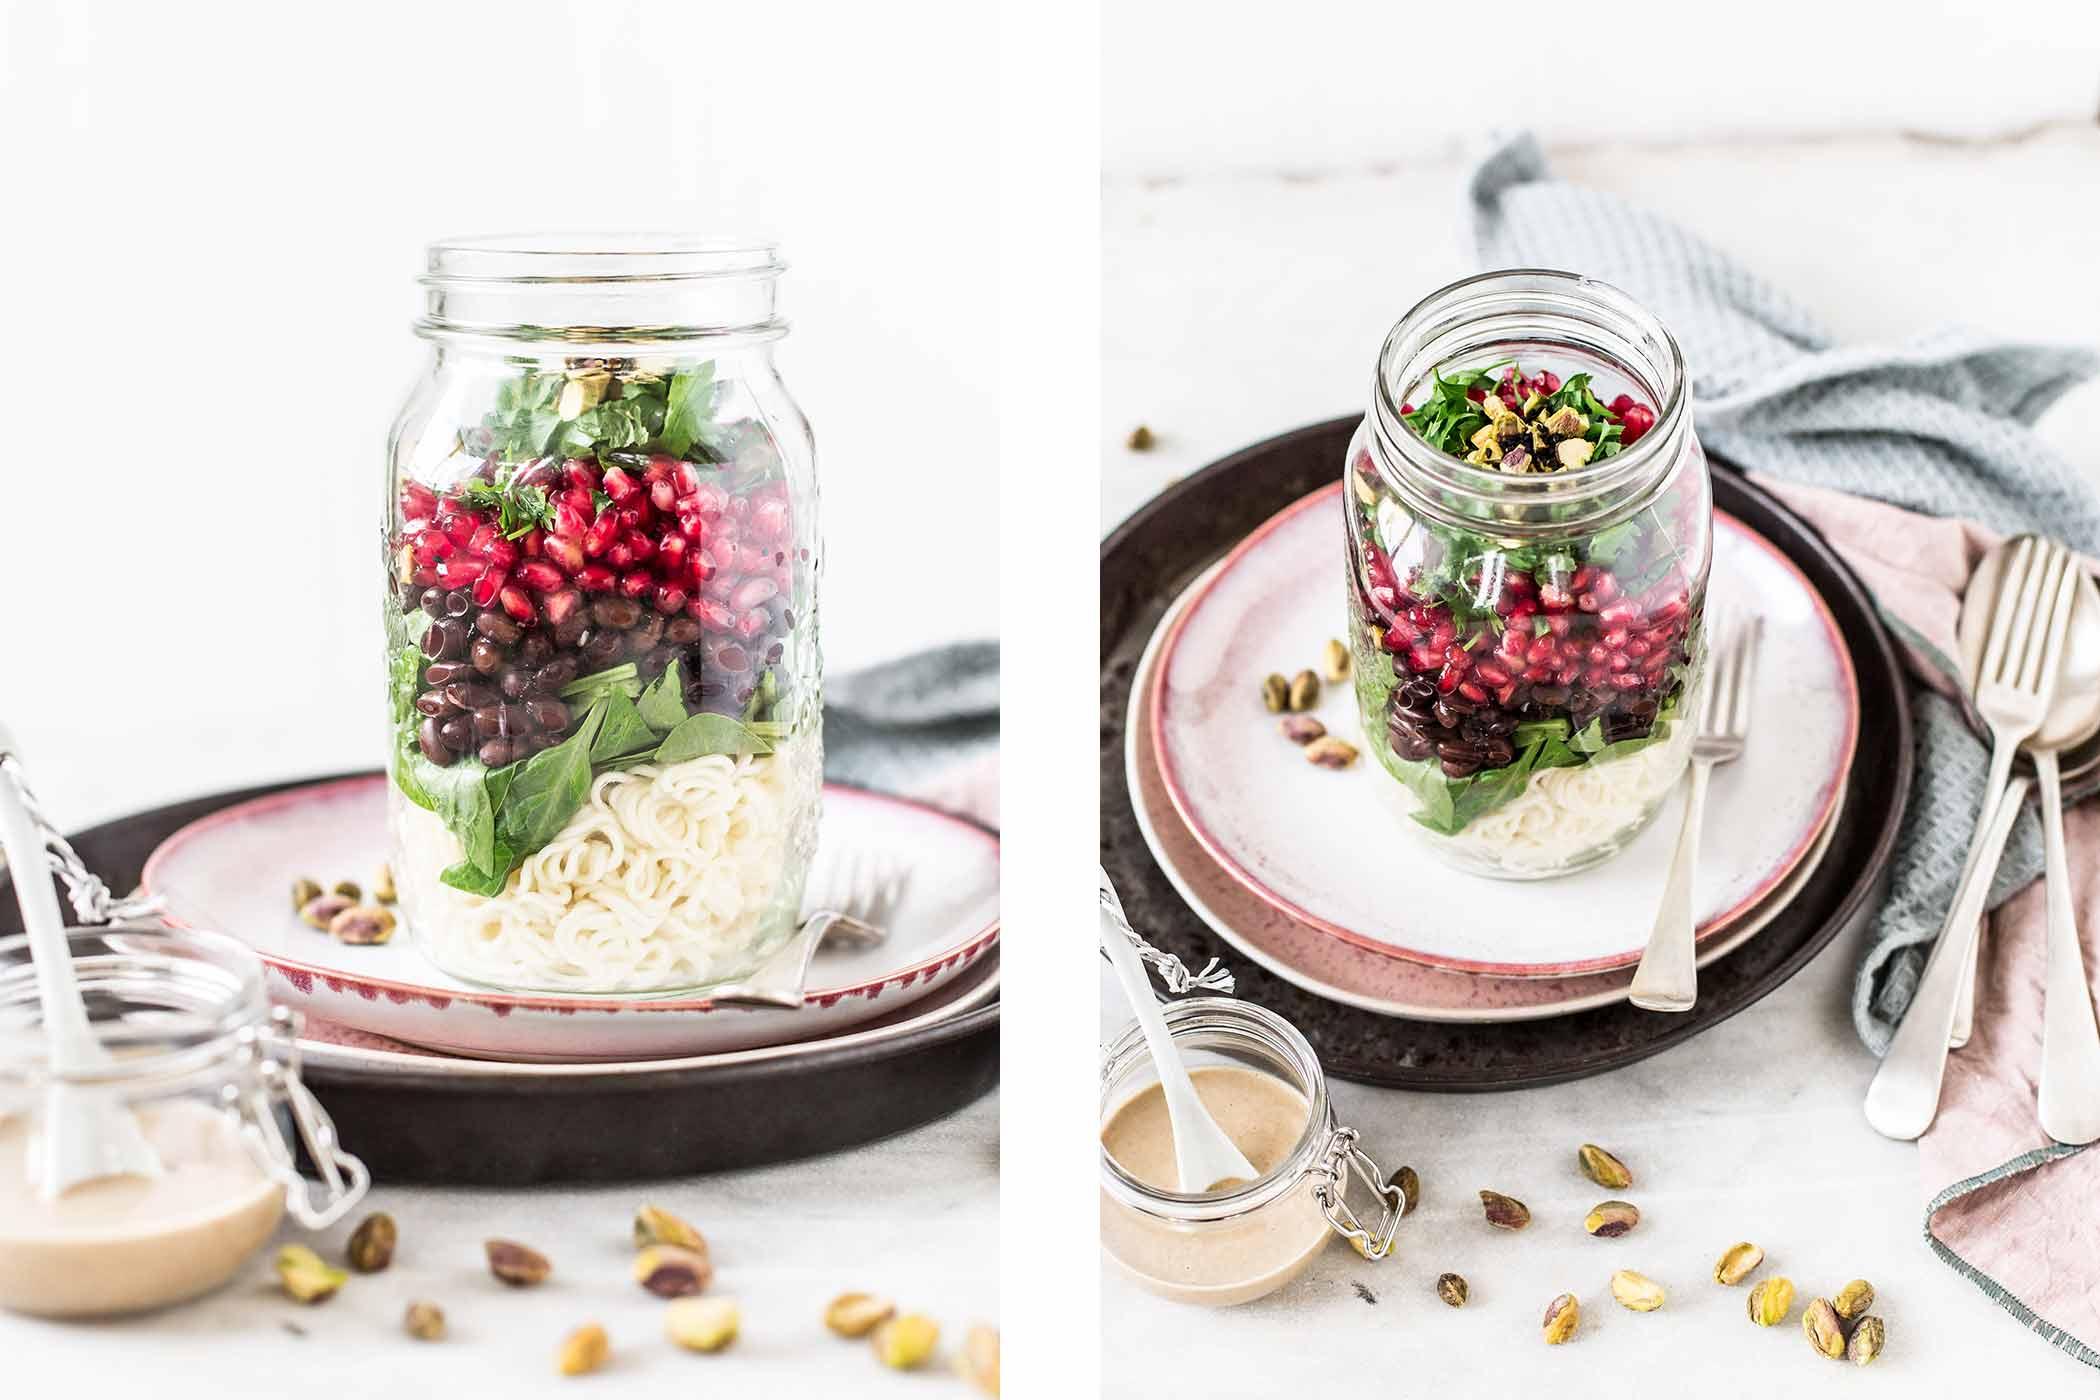 femtastics-Rezept-Lunch-zum-Mitnehmen-Nudelsalat